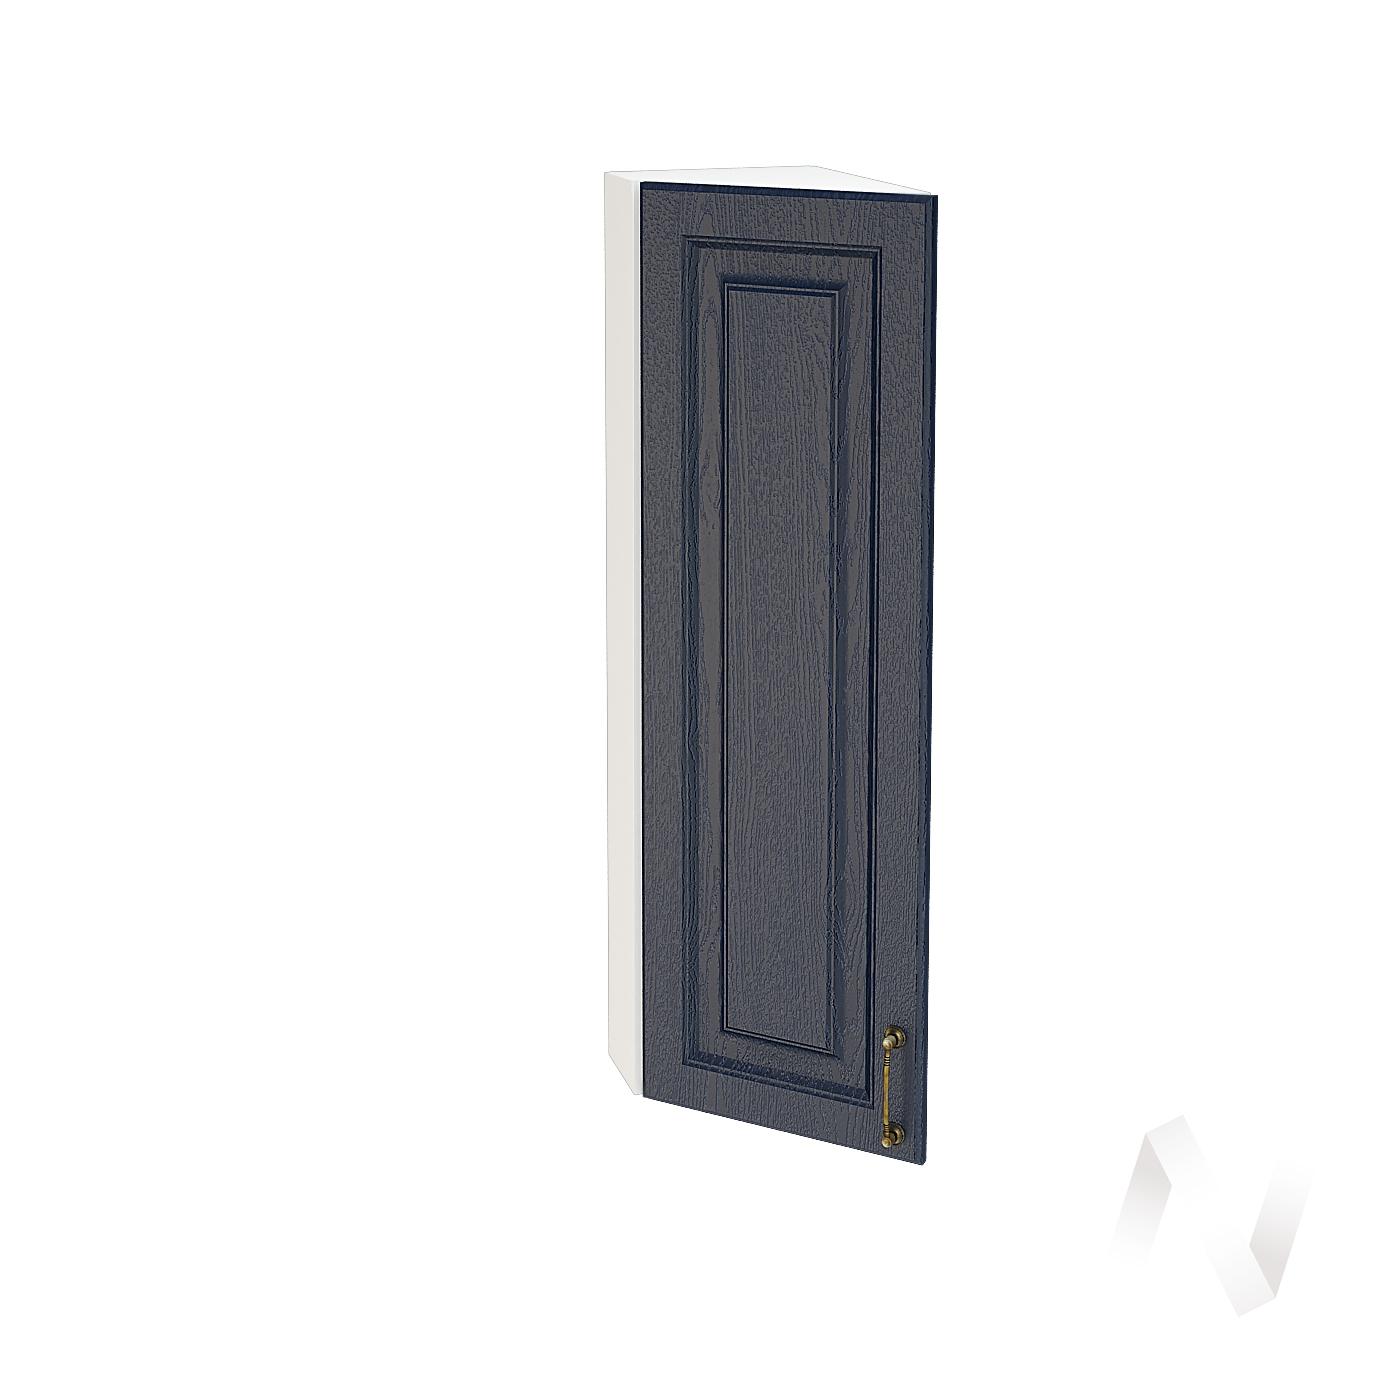 """Кухня """"Ницца"""": Шкаф верхний торцевой 224Н, ШВТ 224Н (Дуб чернильный/корпус белый)"""